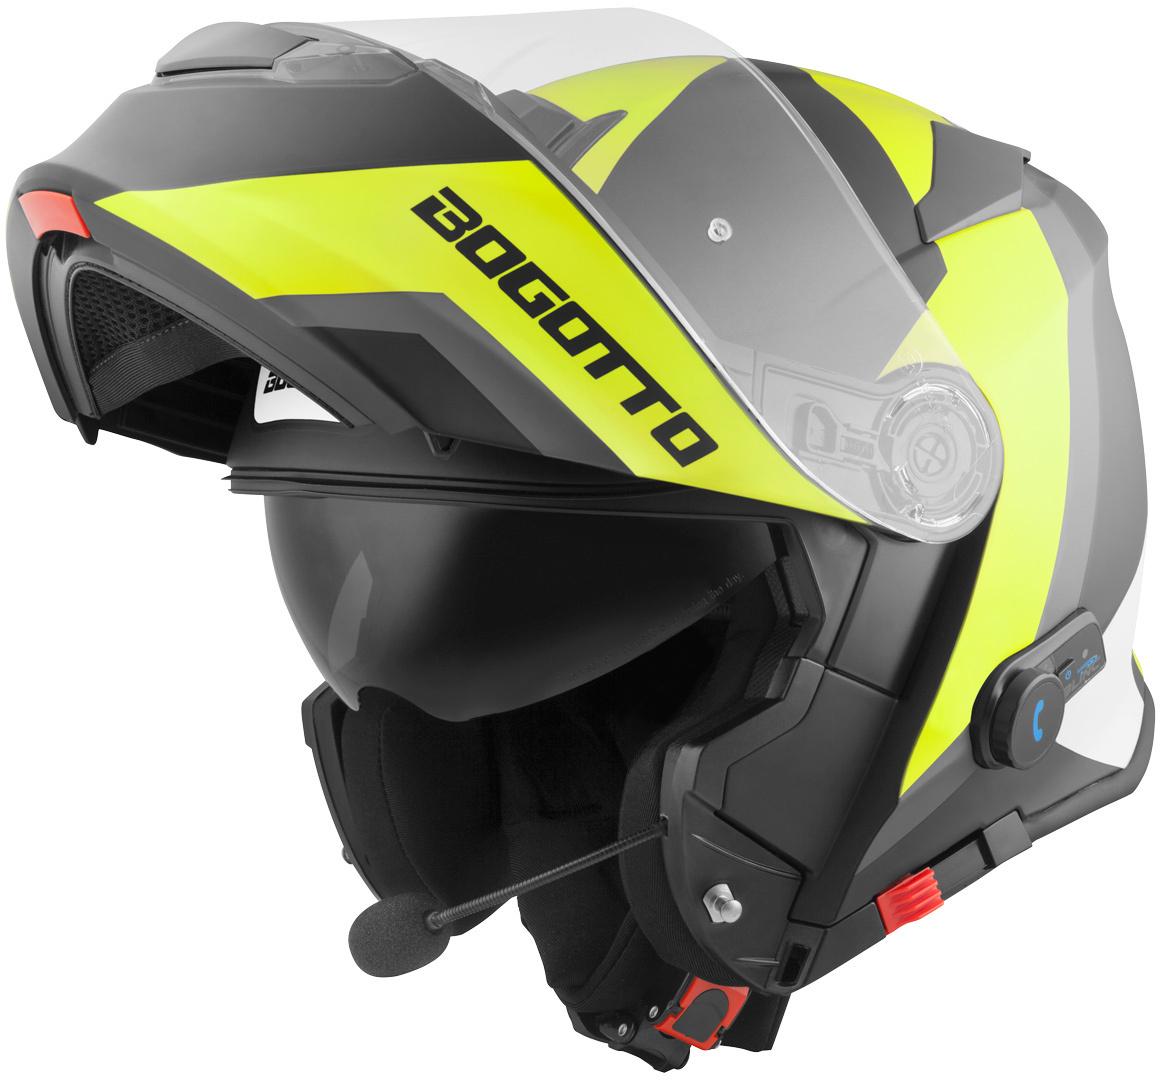 Bogotto V271 BT Zabu Bluetooth Klapphelm, schwarz-gelb, Größe M, schwarz-gelb, Größe M